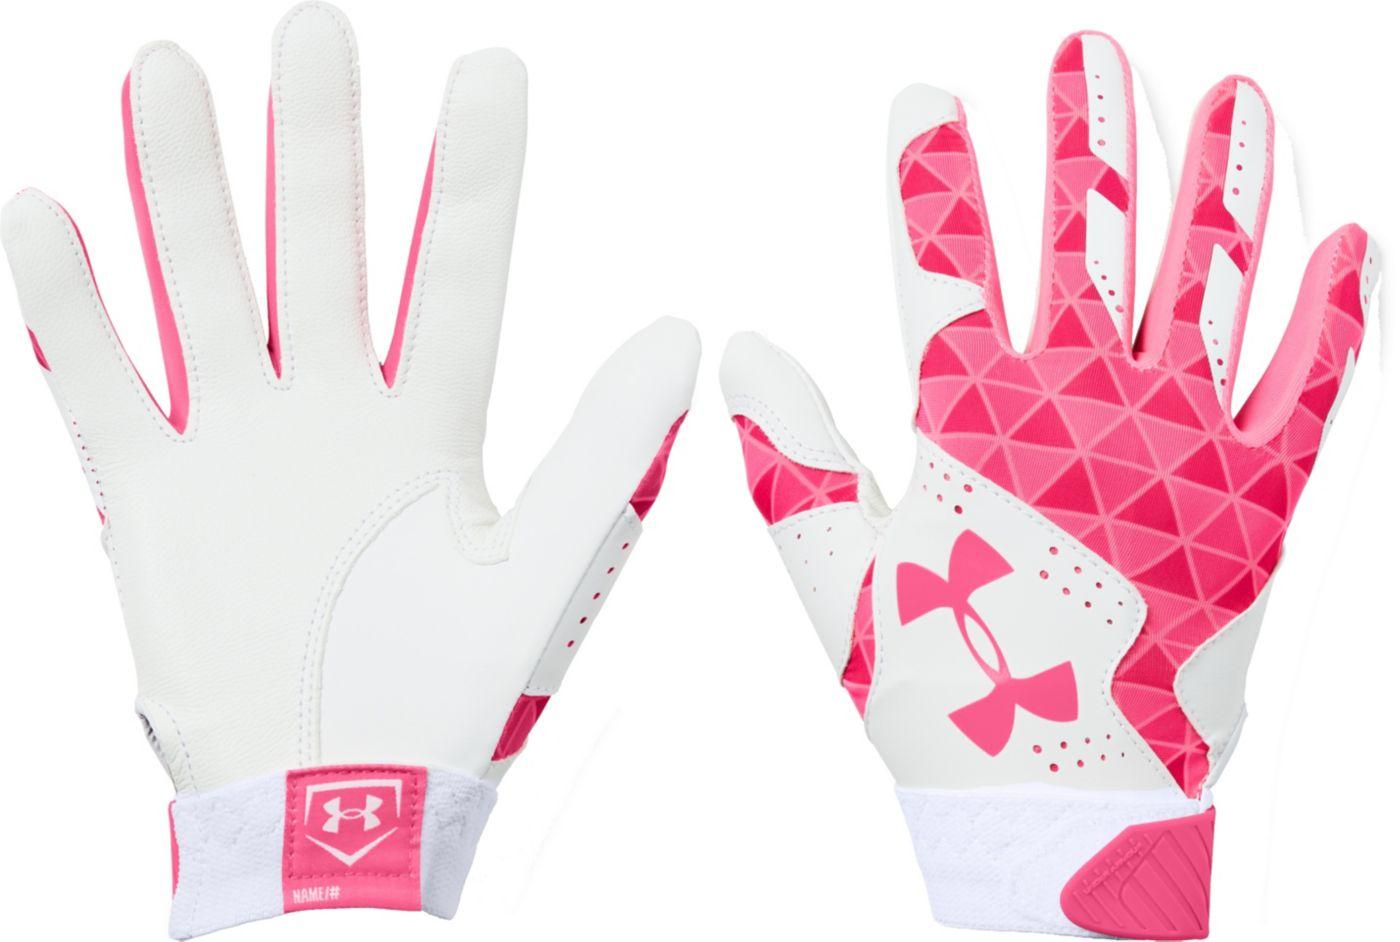 Under Armour Women's Radar Fastpitch Batting Gloves 2019